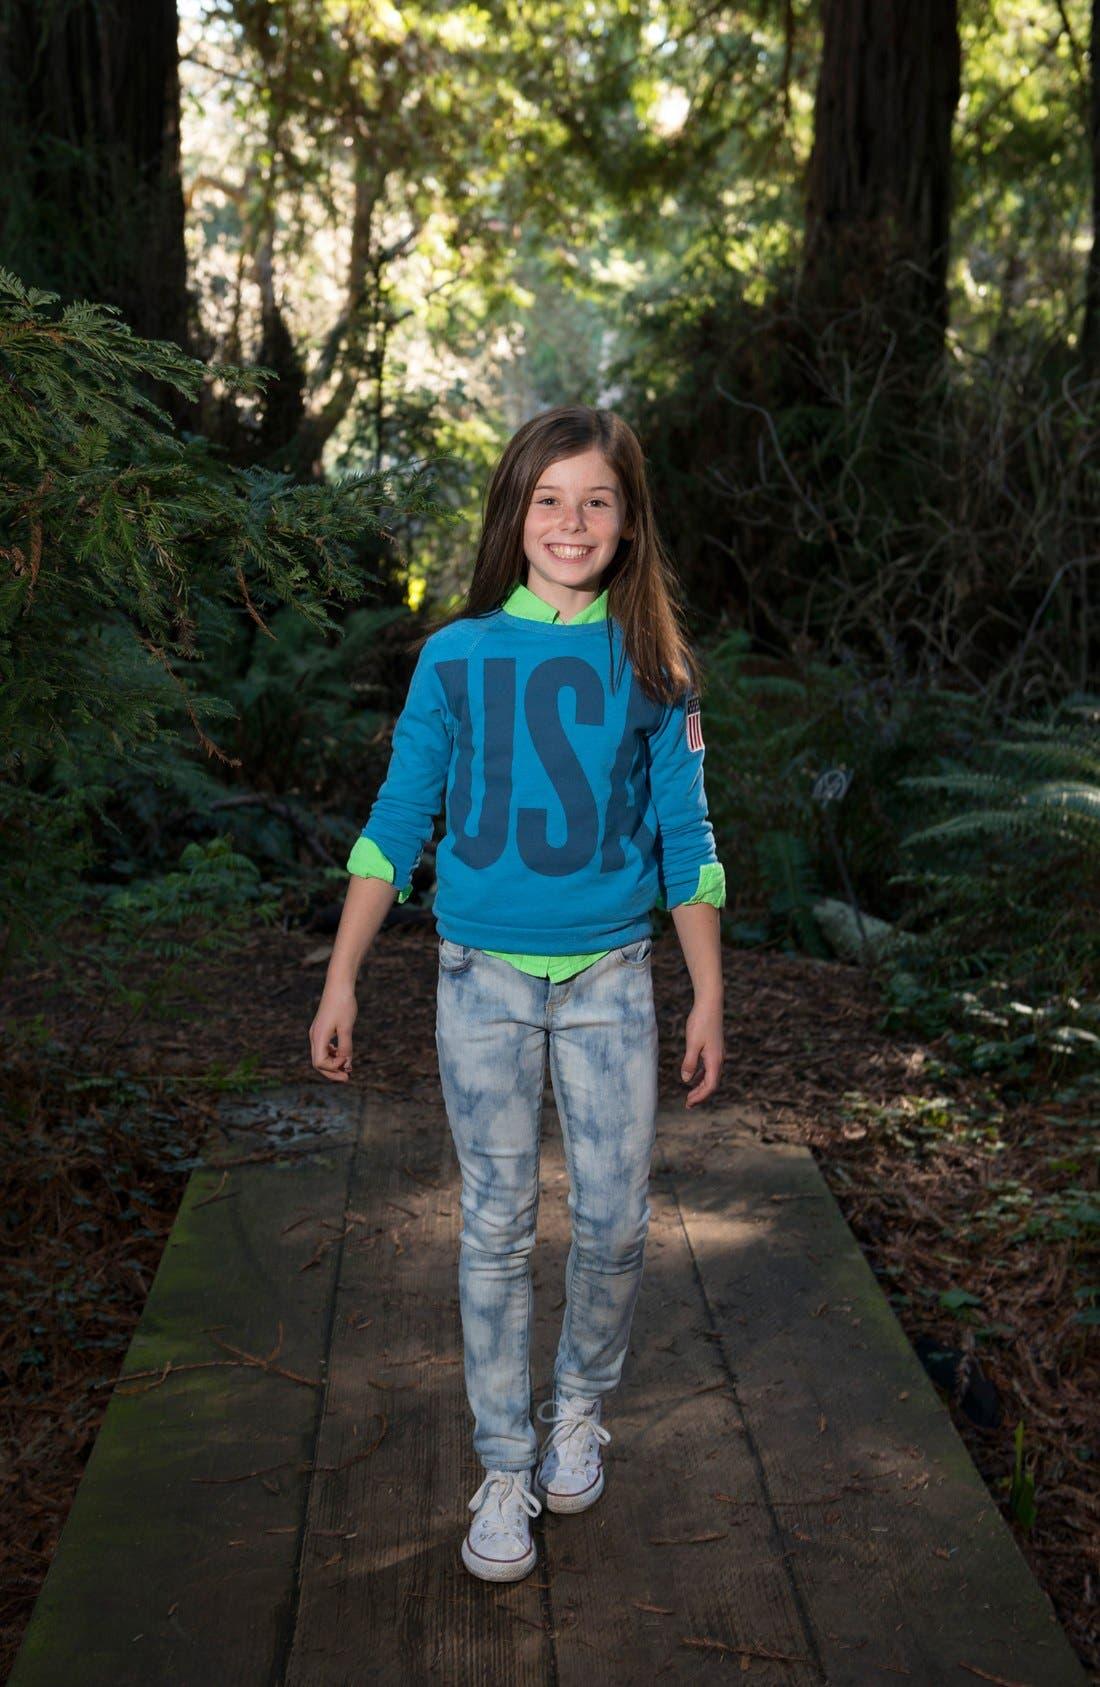 Alternate Image 2  - Peek 'USA' Crewneck Sweatshirt (Toddler Girls, Little Girls & Big Girls)